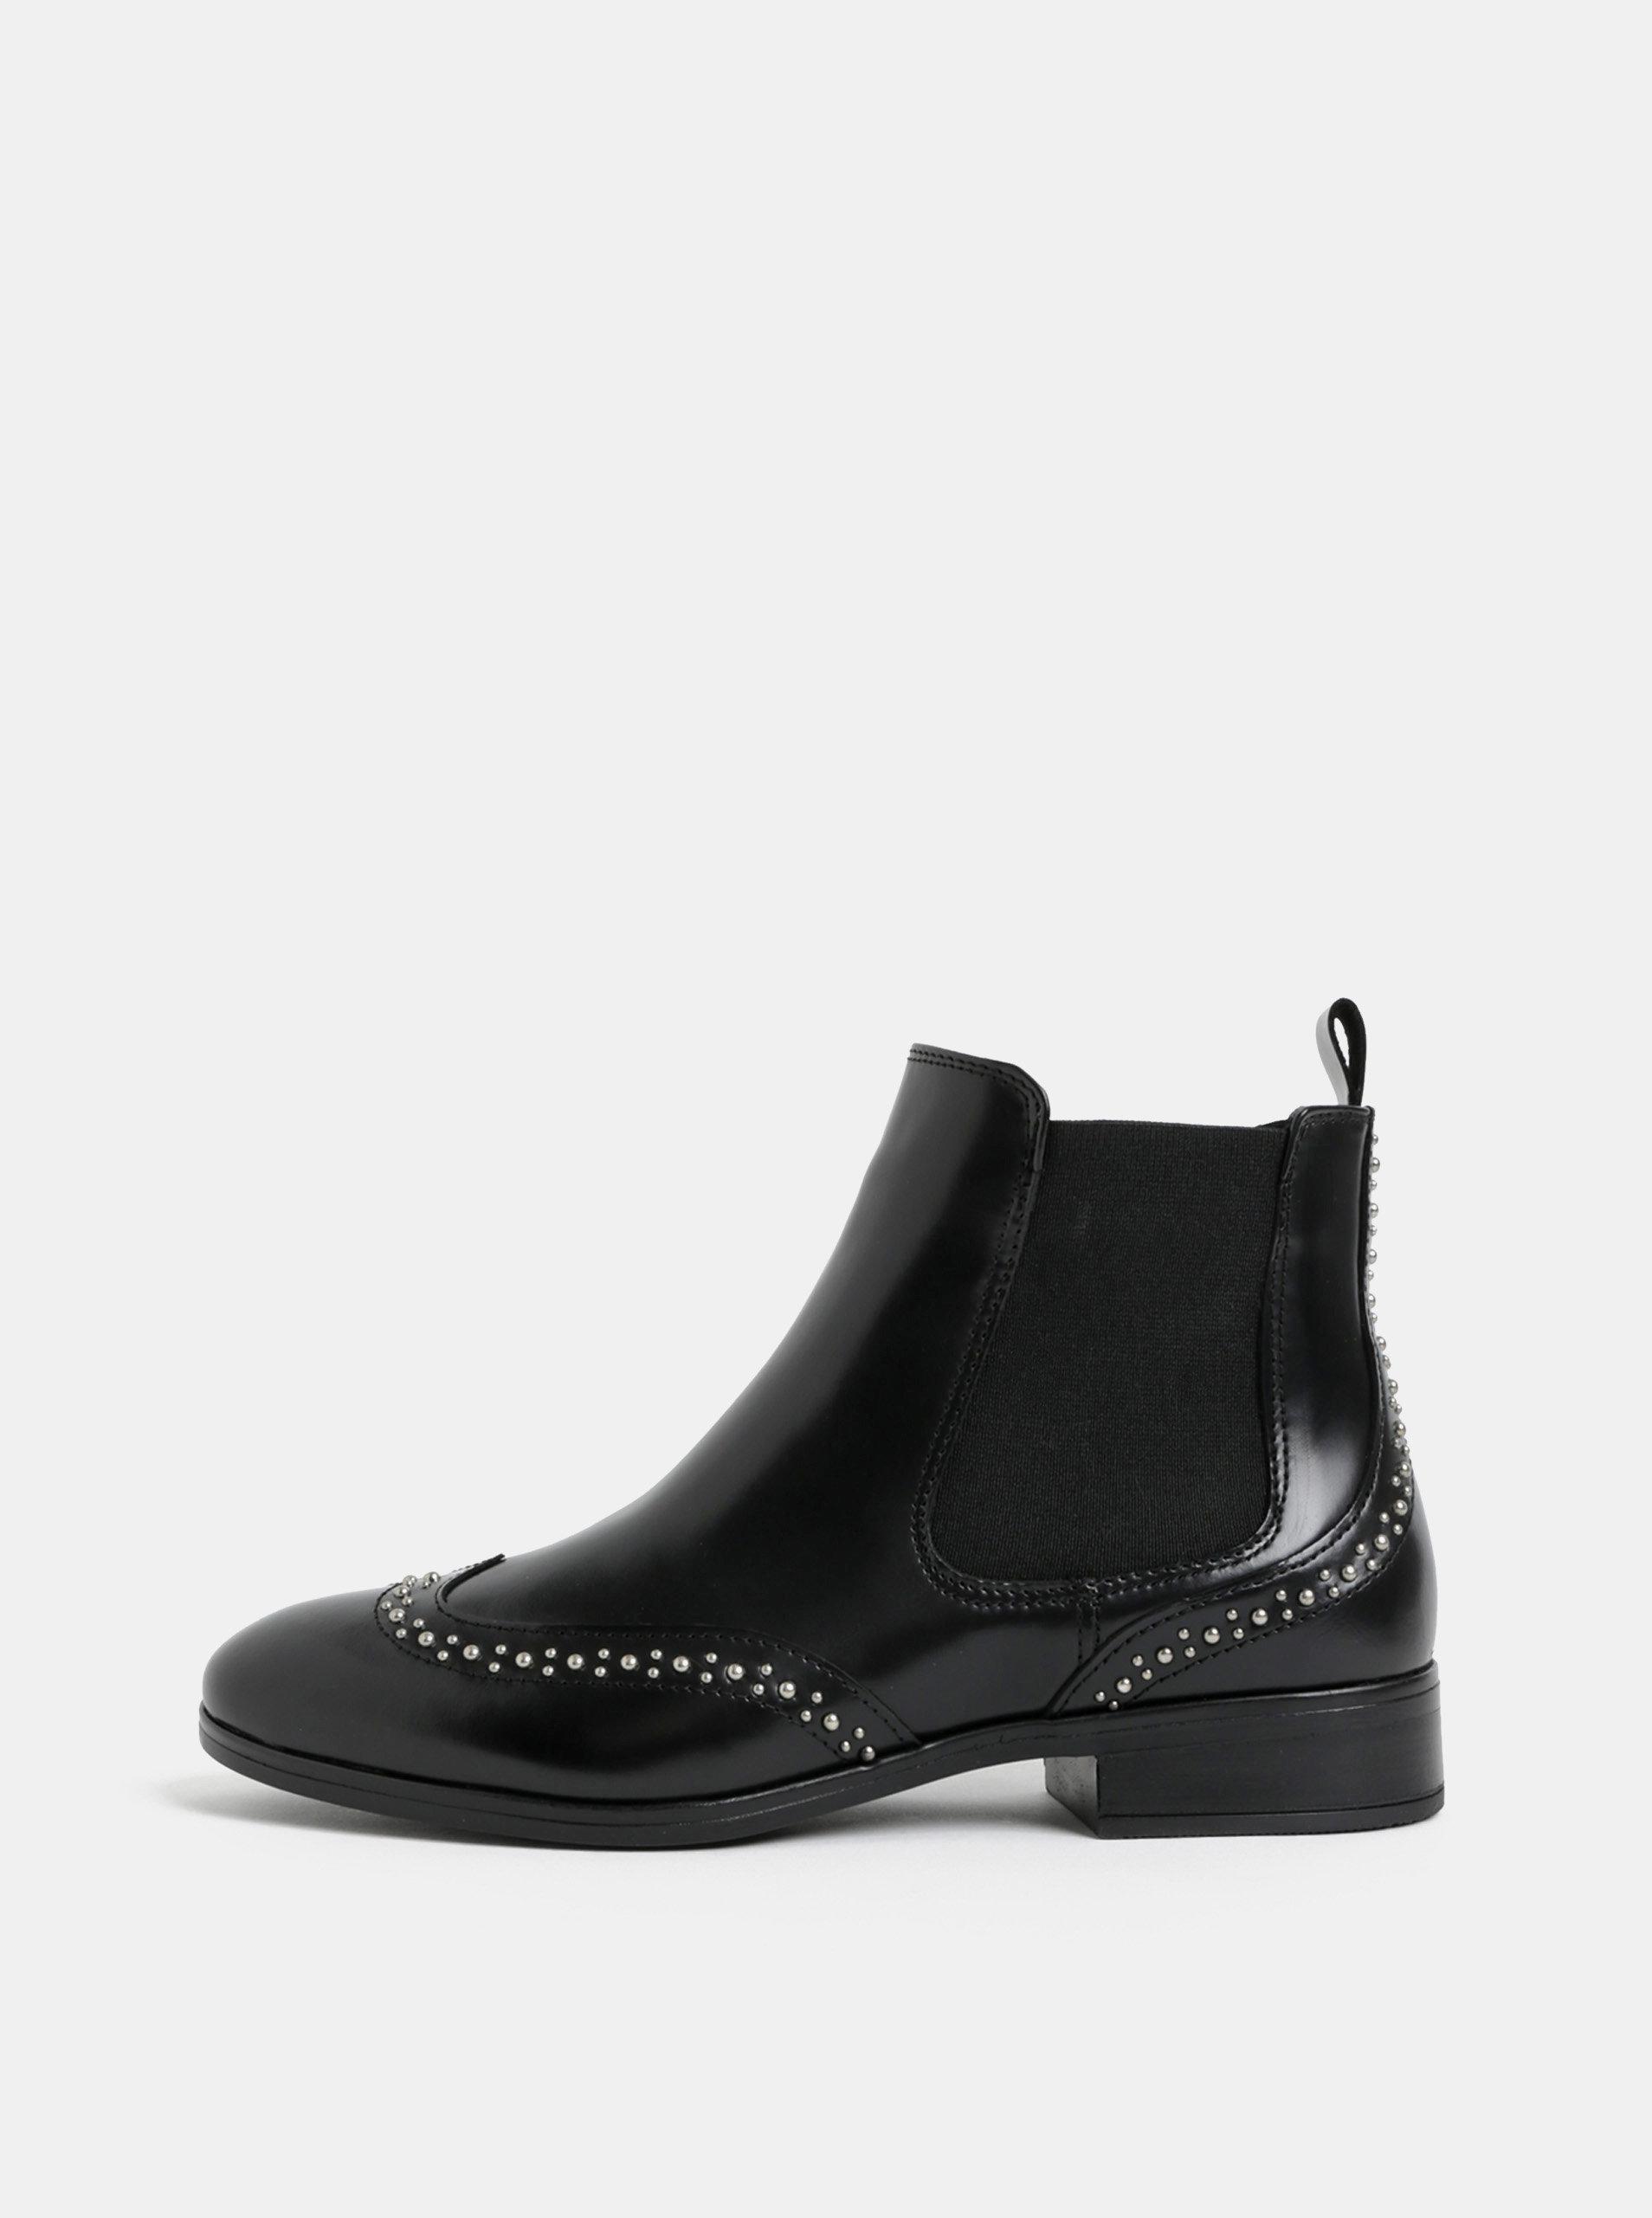 Černé dámské kožené chelsea boty s kovovou aplikací ALDO